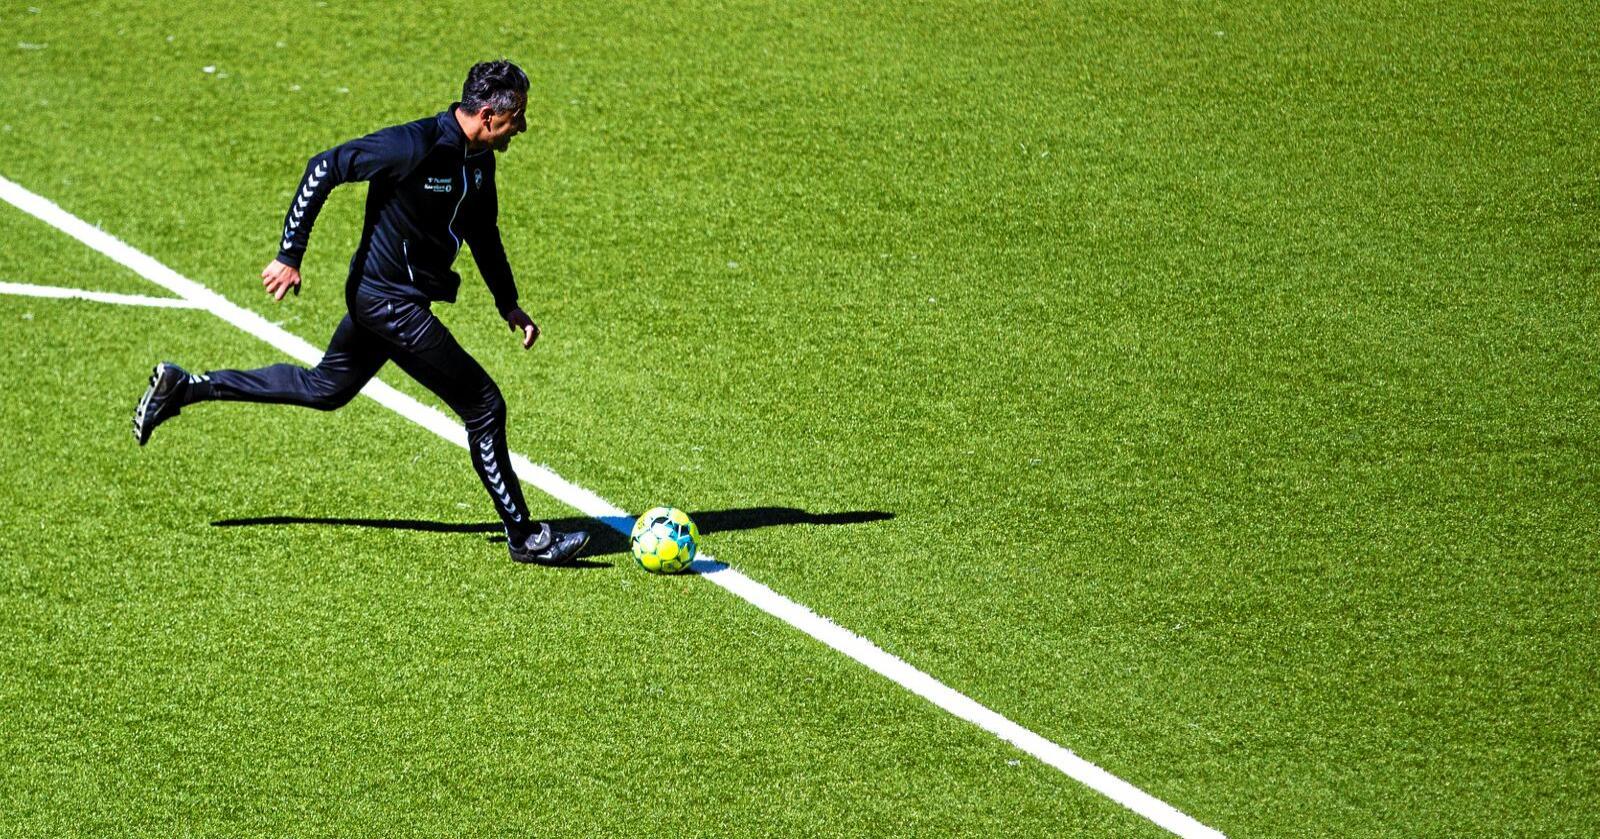 Fotball: Kulturminister Abid Raja vil ikke åpne for at breddefotballen kan spille kamper. Foto: Trond Reidar Teigen / NTB scanpix